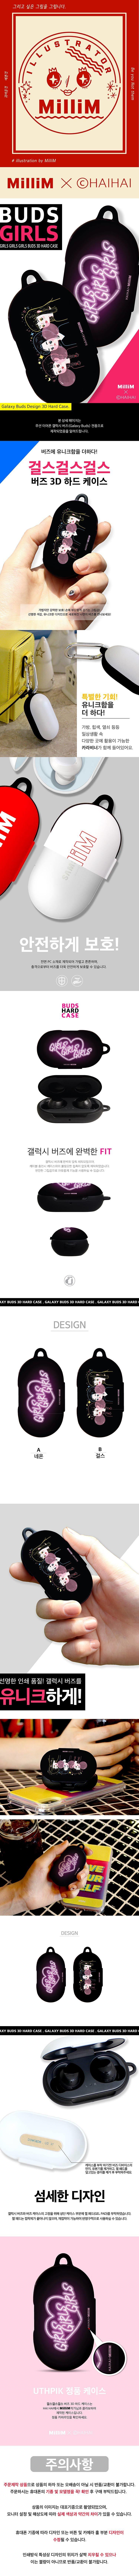 MilliM X HAIHAI 걸스걸스 갤럭시 버즈 케이스(h) 삼성 갤럭시 버즈 커버 - 원스컴퍼니, 14,900원, 이어폰, 이어폰 악세서리